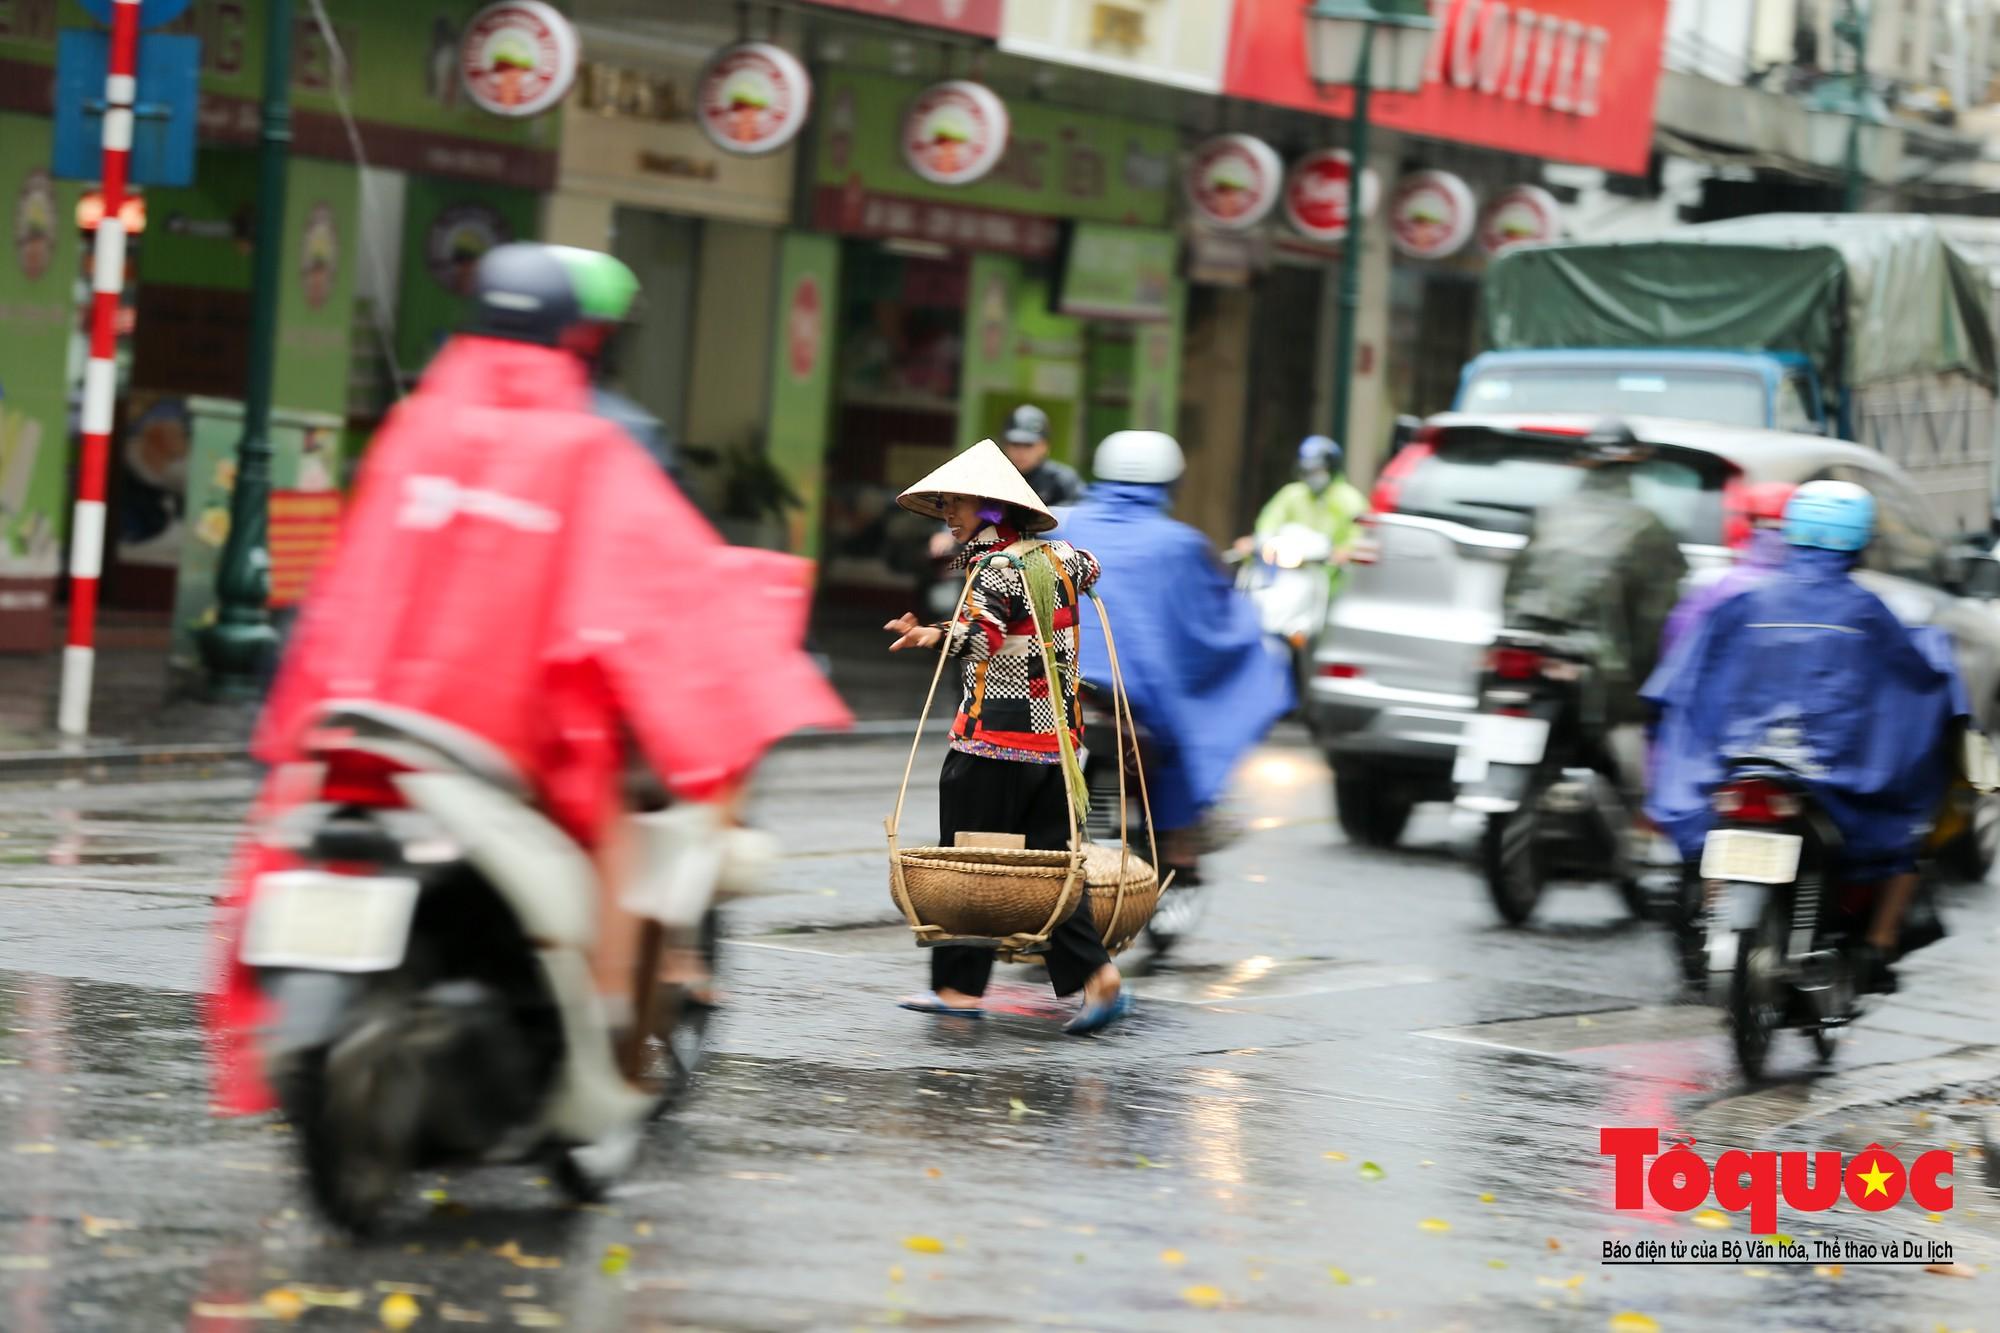 Cơn mưa lớn bất trợt khiến không khí ở thủ đô Hà Nội giảm bụi ô nhiễm nhanh chóng8